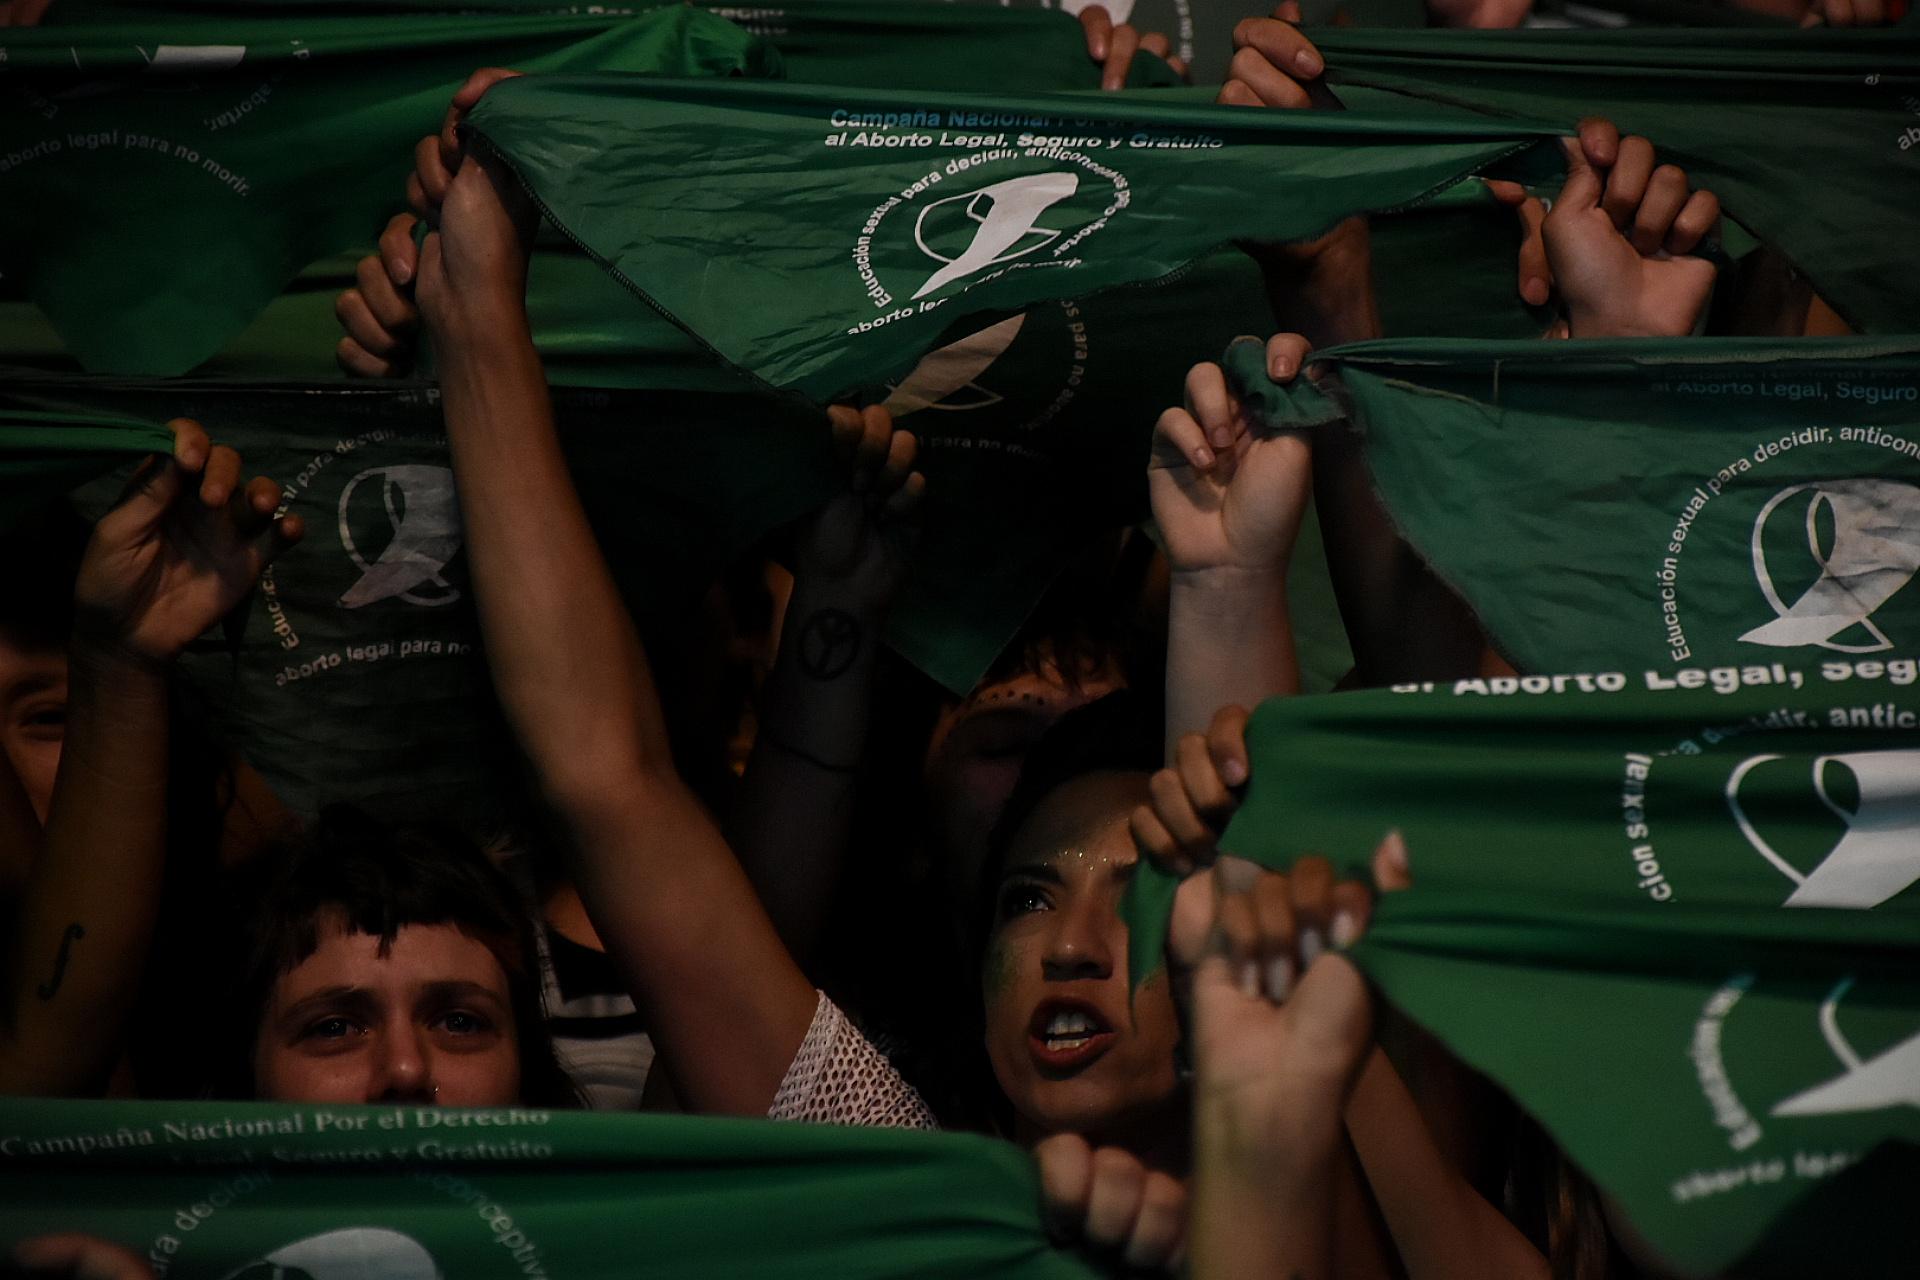 Los pañuelos verdes con los que las mujeres reclaman el aborto legal, seguro y gratuito